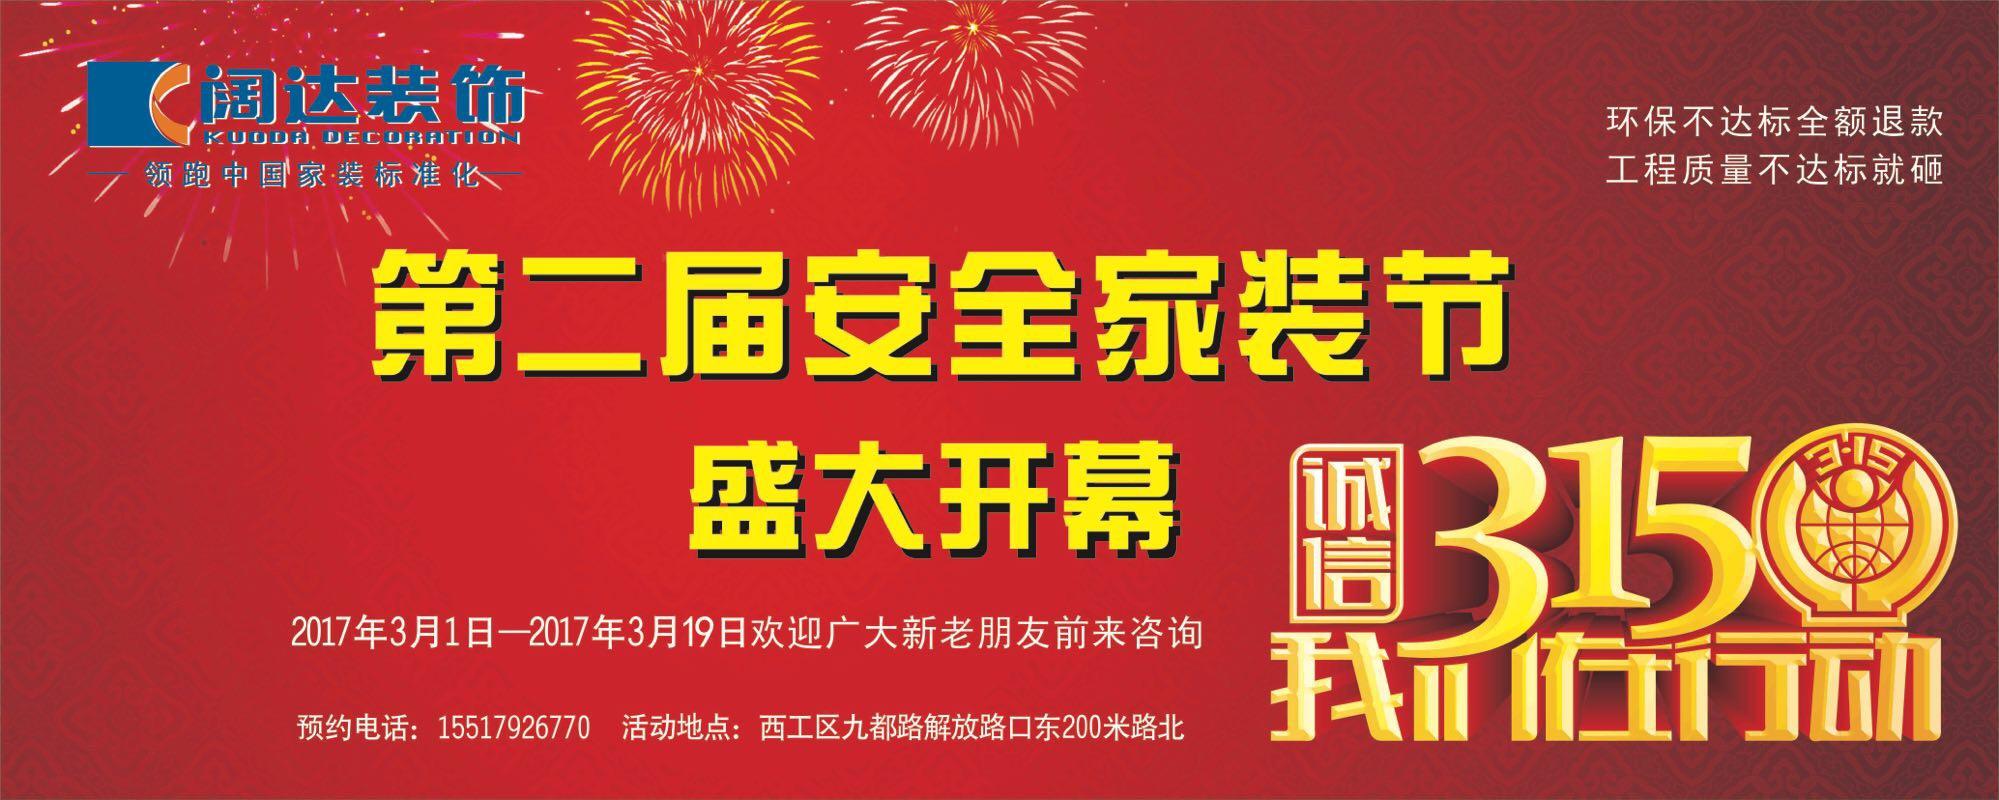 【阔达装饰】北京阔达装饰安全家装发布会全国联动——洛阳站